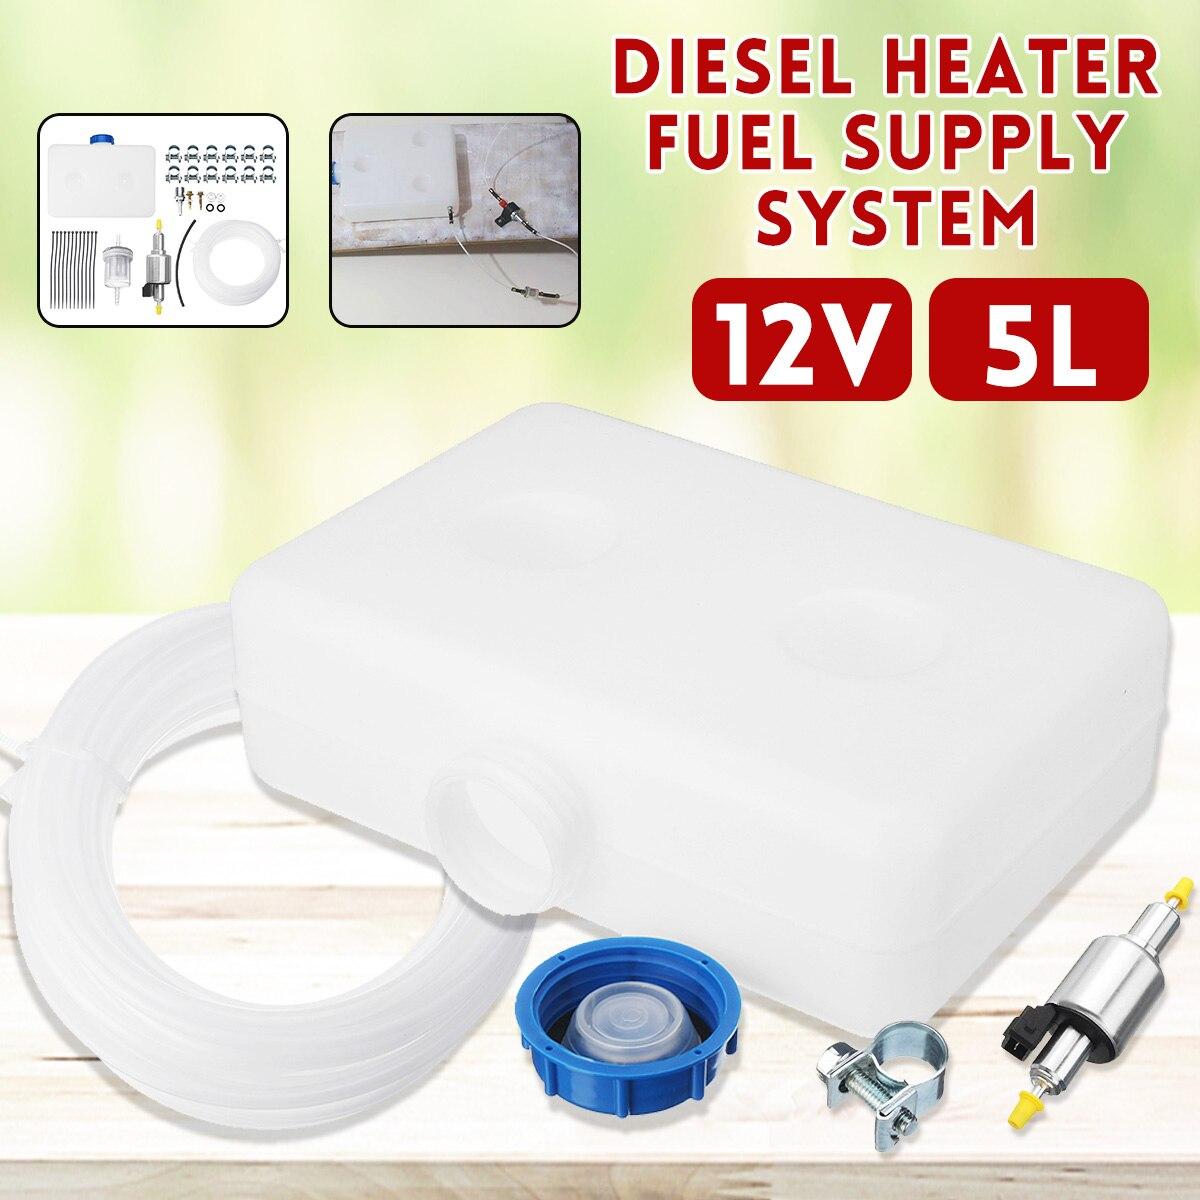 2 trous 5L réservoir pompe à carburant filtre à huile buse ensemble pour bricolage 12 V Diesel réchauffeur d'air Thermostat voiture chauffage accessoires partie livraison directe - 2